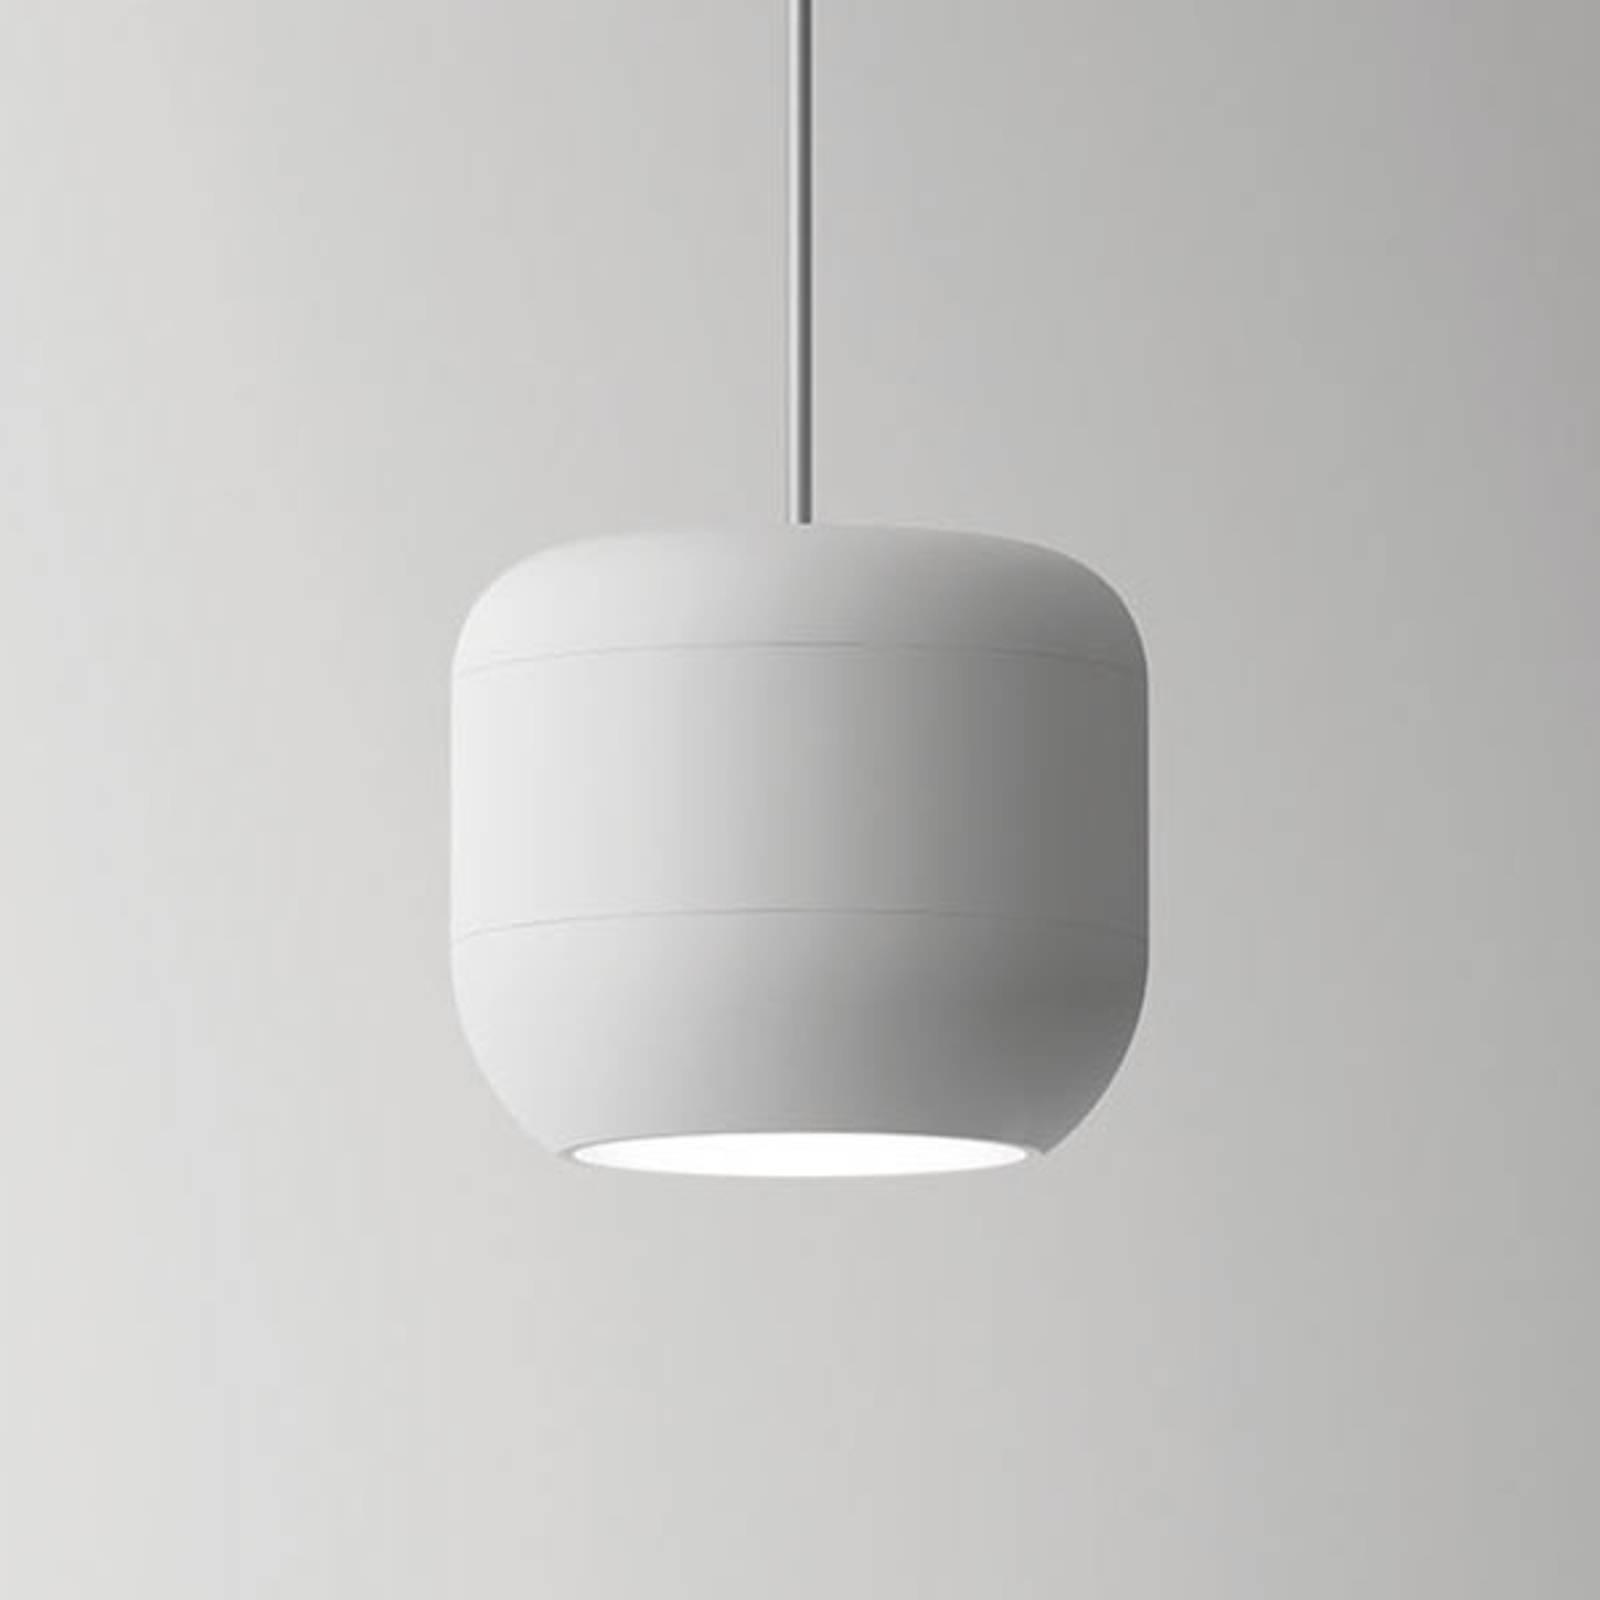 Axolight Urban LED-riippuvalaisin, 16 cm valkoinen